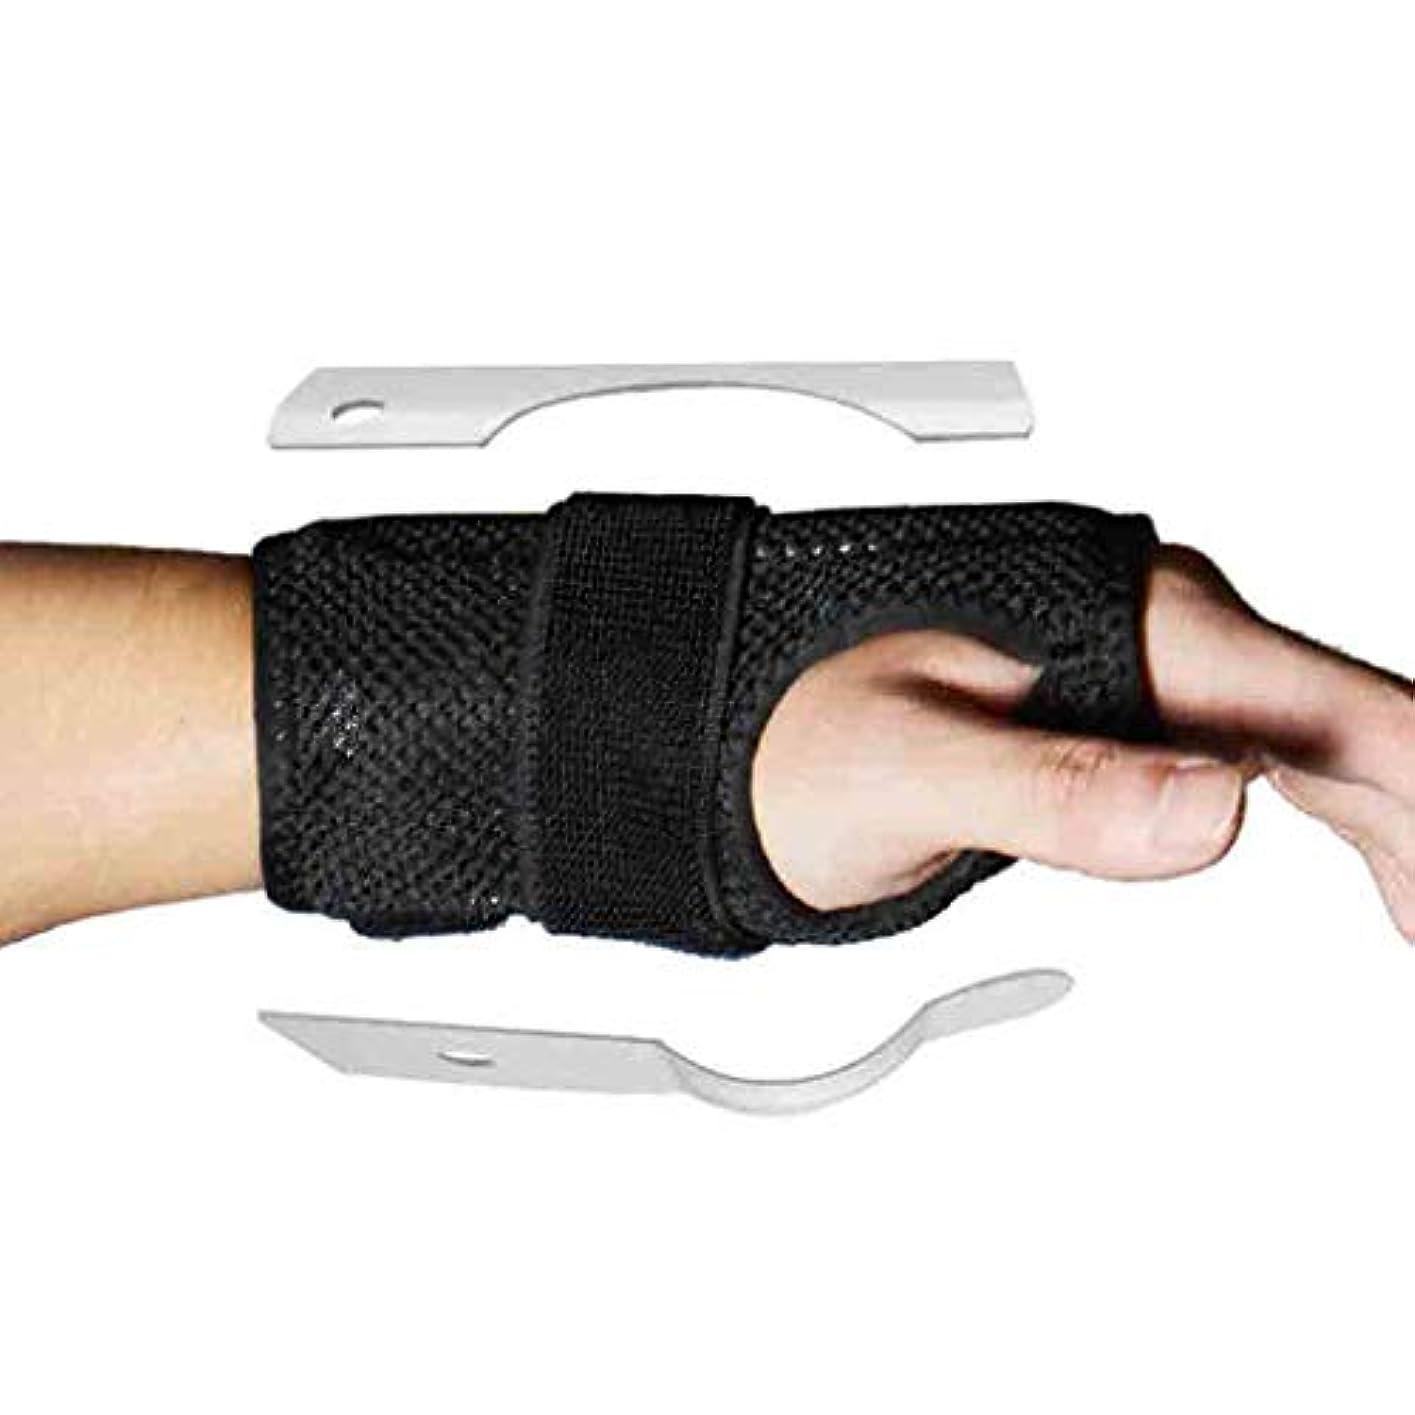 移住する差別手のひらトリガーのための親指のスプリント親指の通気性のファブリック手首の親指腱鞘炎脳手根管症候群のためのリストバンドスプリントママの親指ブレース関節炎 Roscloud@